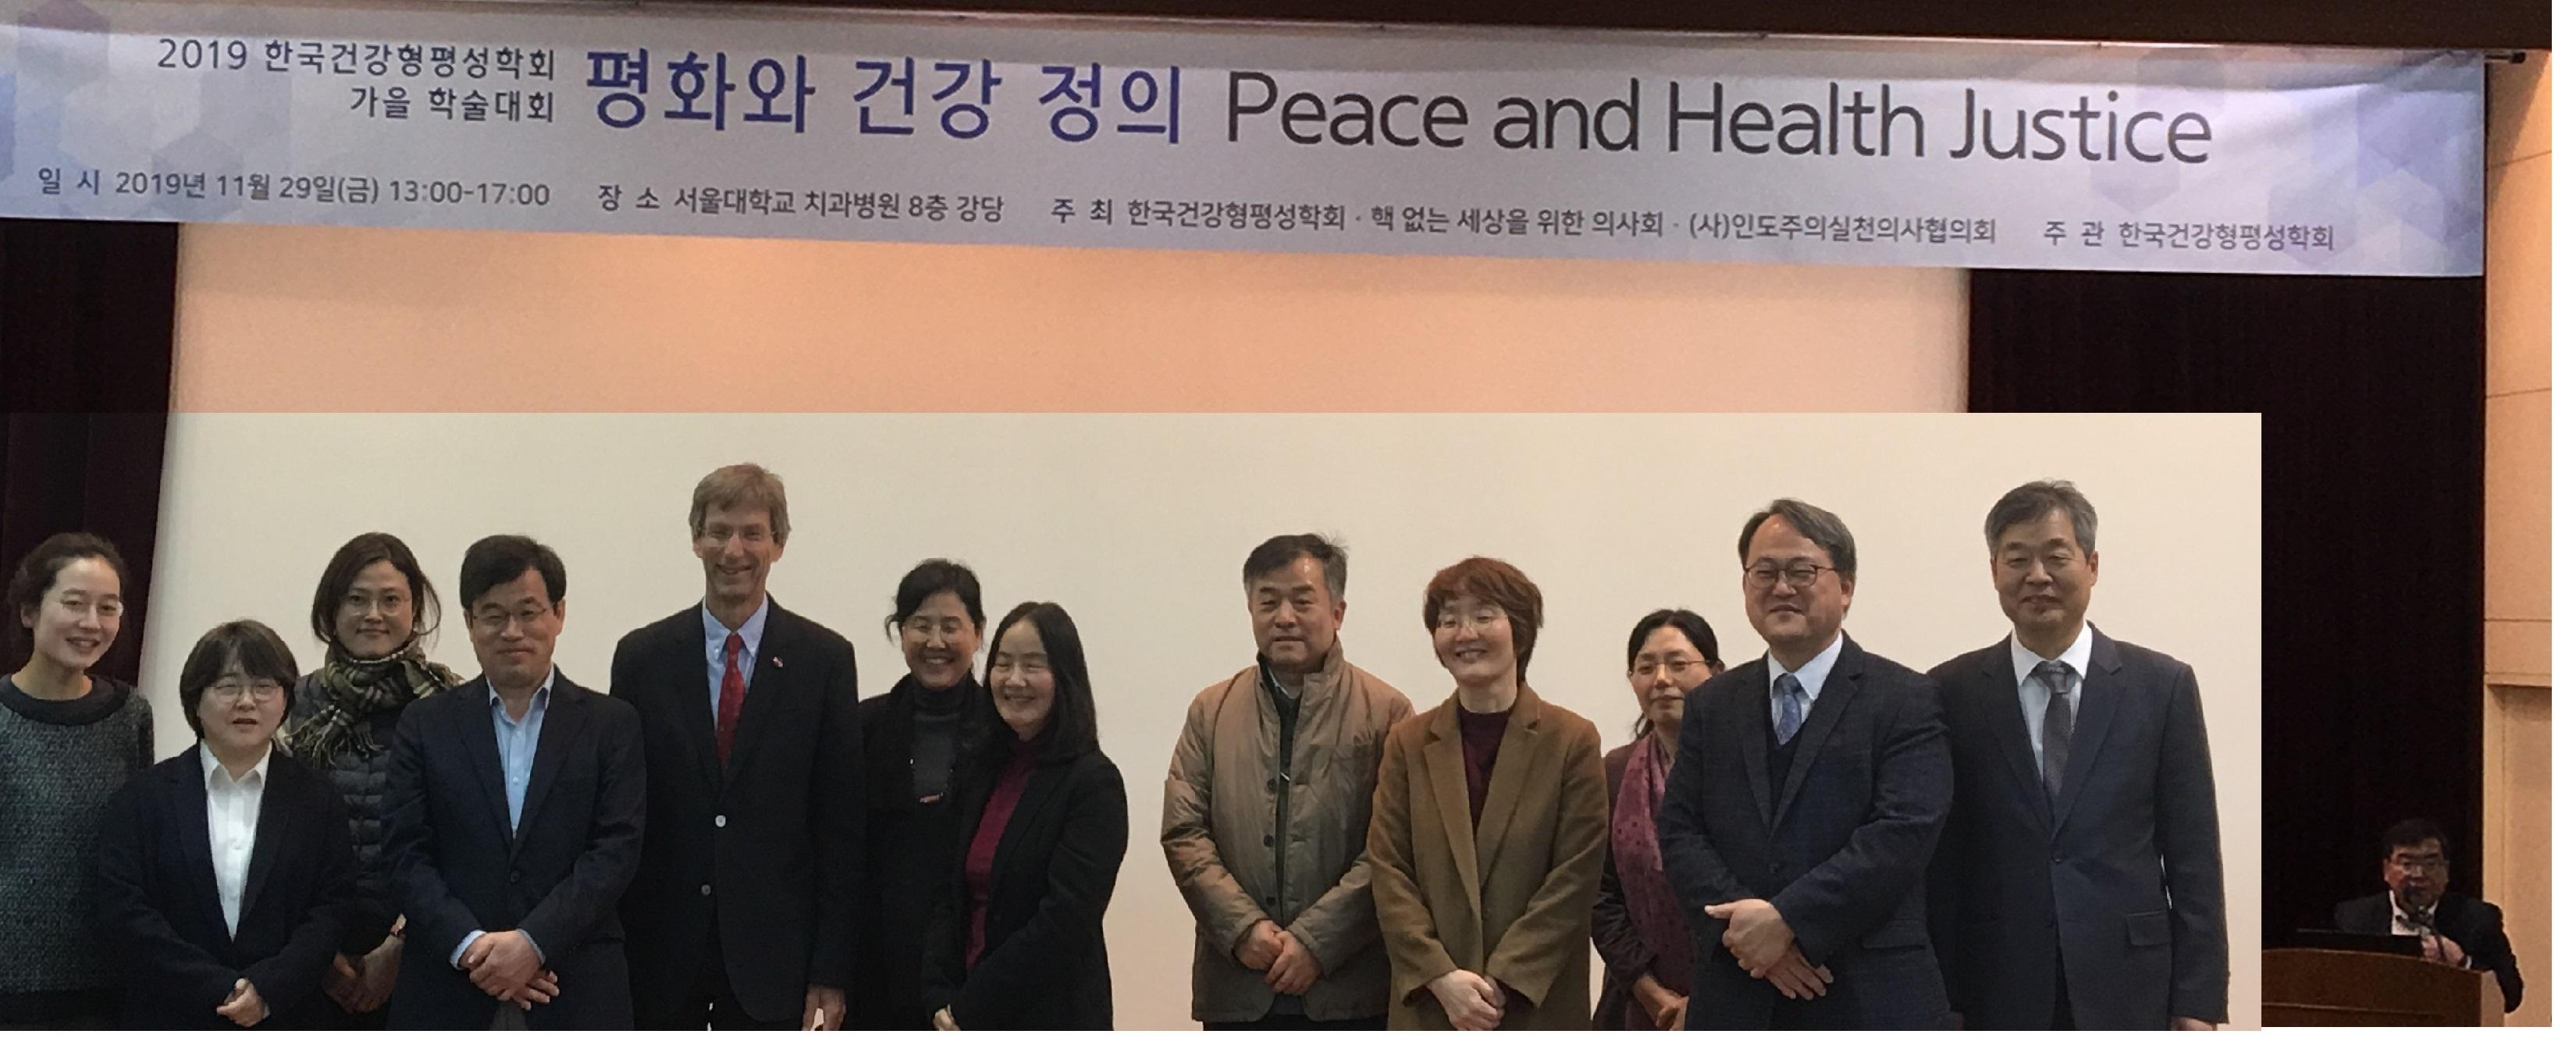 2019.11.29. 형평성학회와 함께 하는 심포지엄 사진